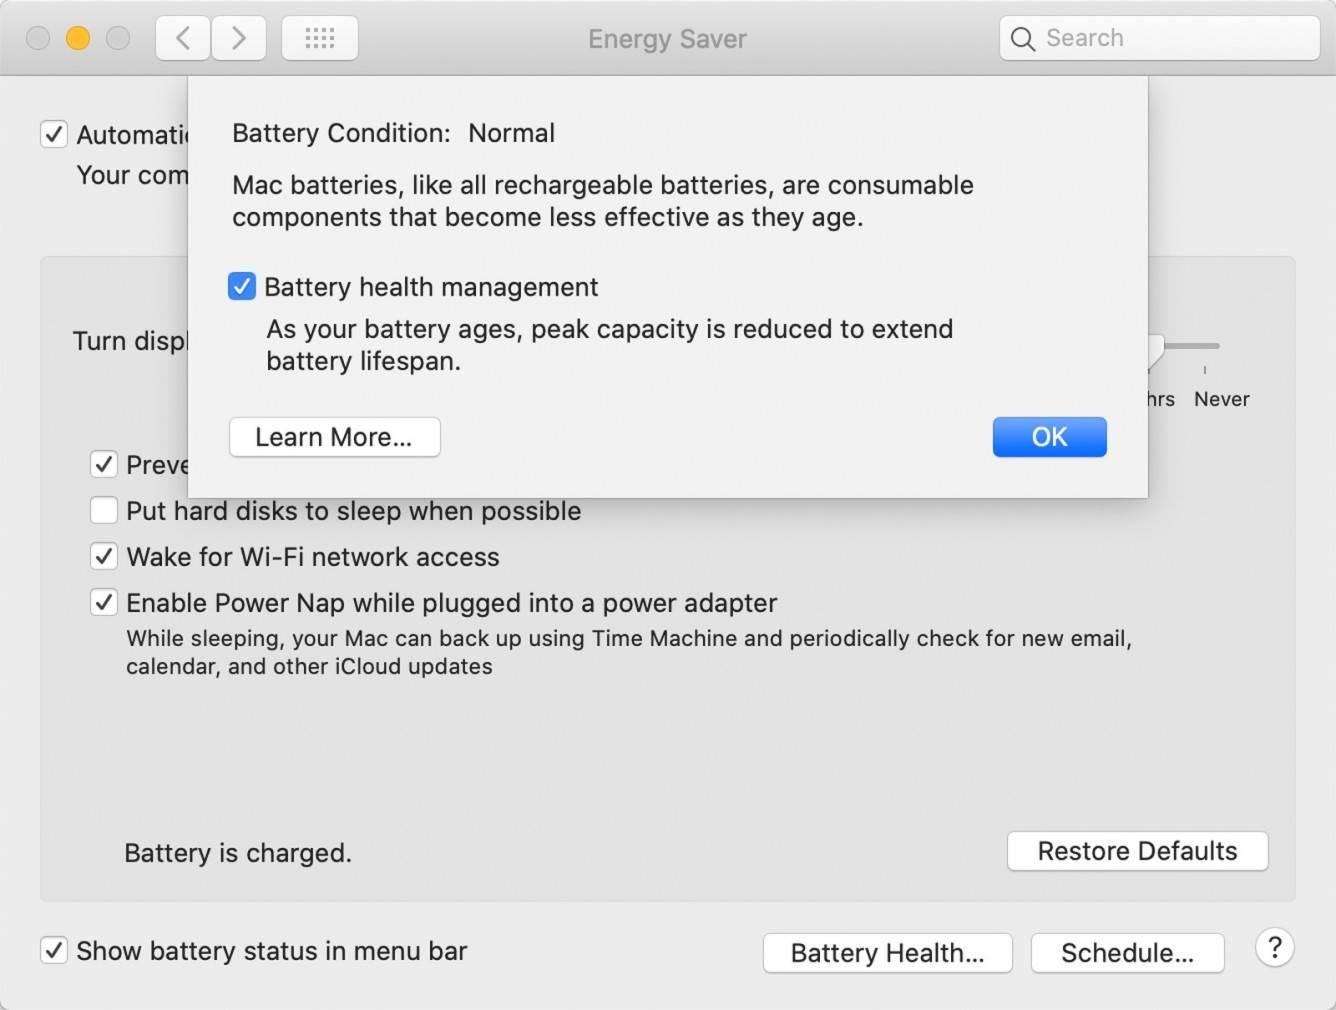 Apple udostępniło macOS Catalina 10.15.5 z funkcją zarządzającą stanem baterii polecane, ciekawostki macOS Catalina 10.15.5, co nowego  Wczoraj w godzinach wieczornych, Apple udostępniło wszystkim użytkownikom finalną wersję macOS Catalina 10.15.5 z funkcją zarządzającą stanem baterii i innymi innowacjami. batteryhealthmac2